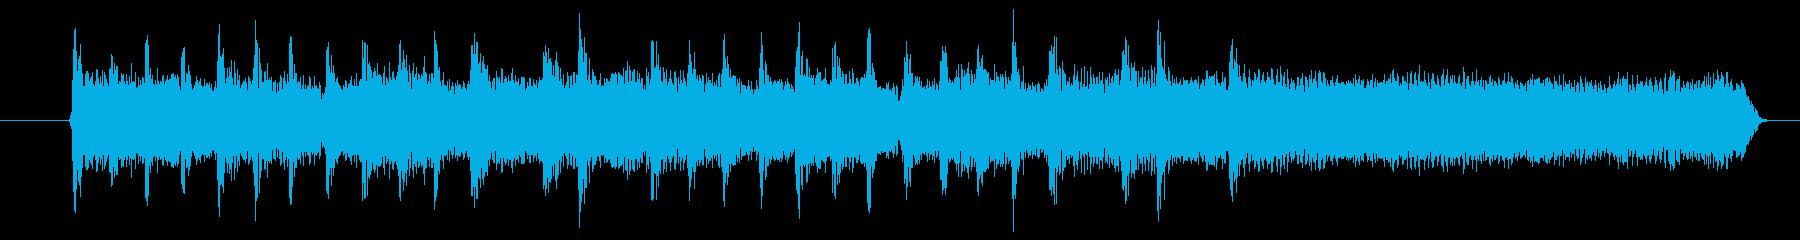 シンプルなロックスタイルのジングルの再生済みの波形